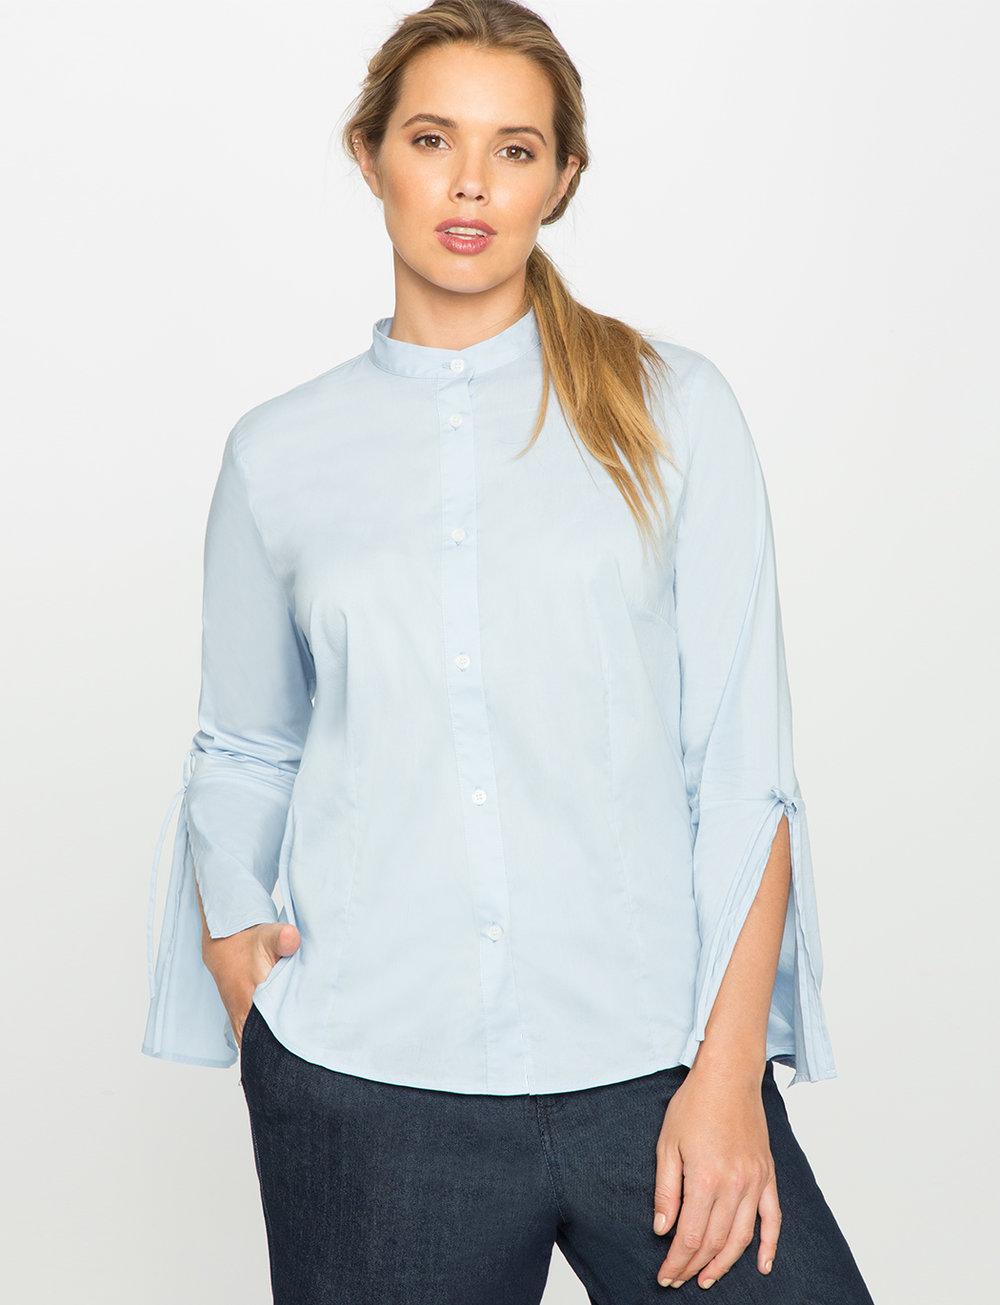 """Eloquii """"Bell Sleeve Button Up Blouse"""", $64.90; eloquii.com."""